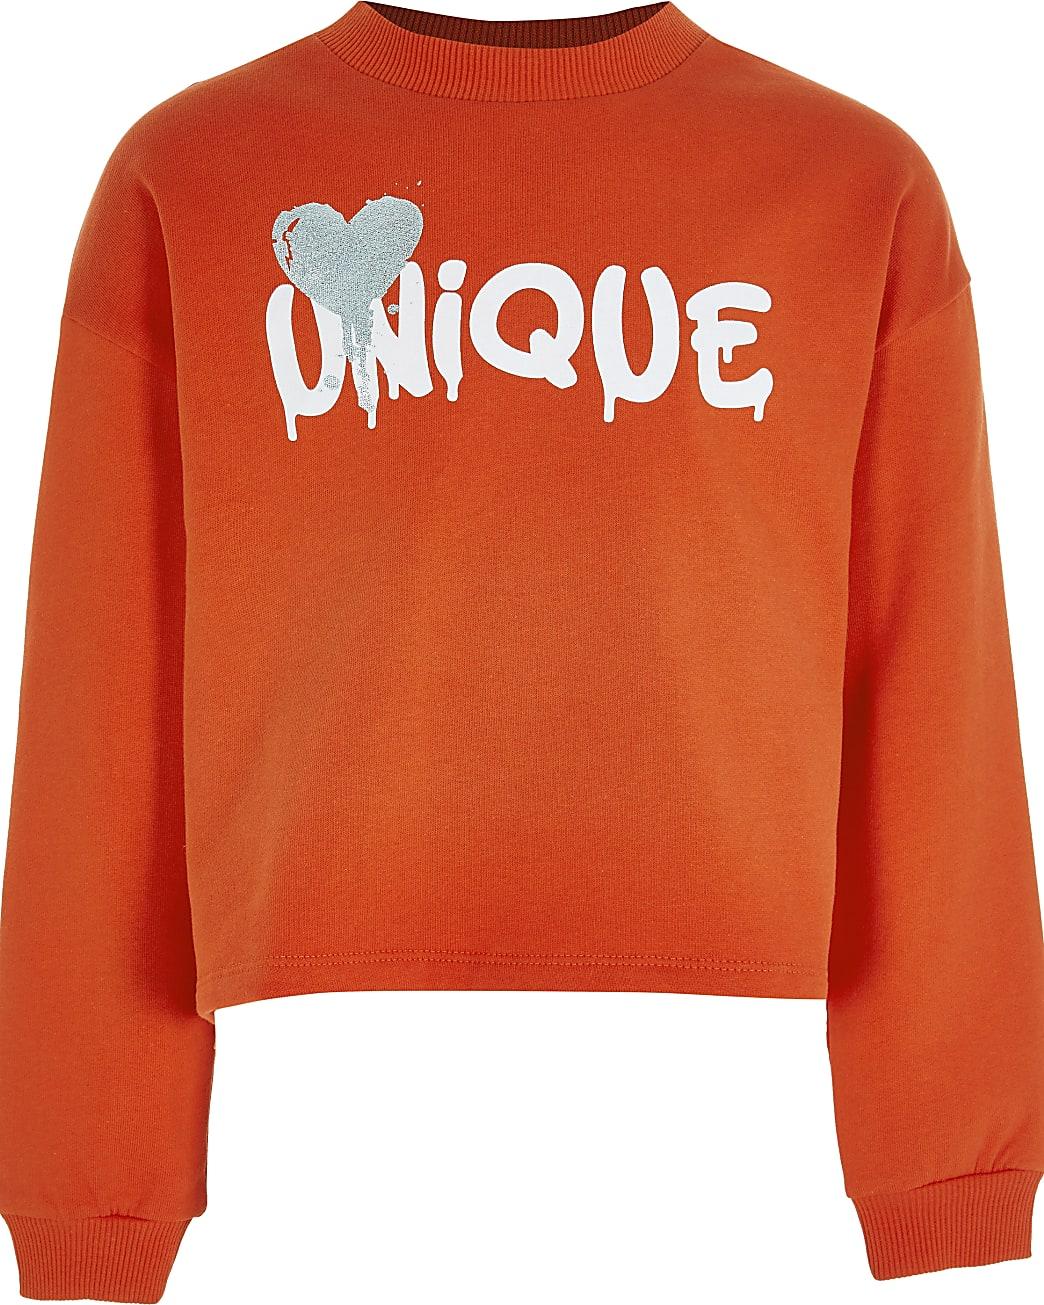 Girls red 'Unique' chest print sweatshirt